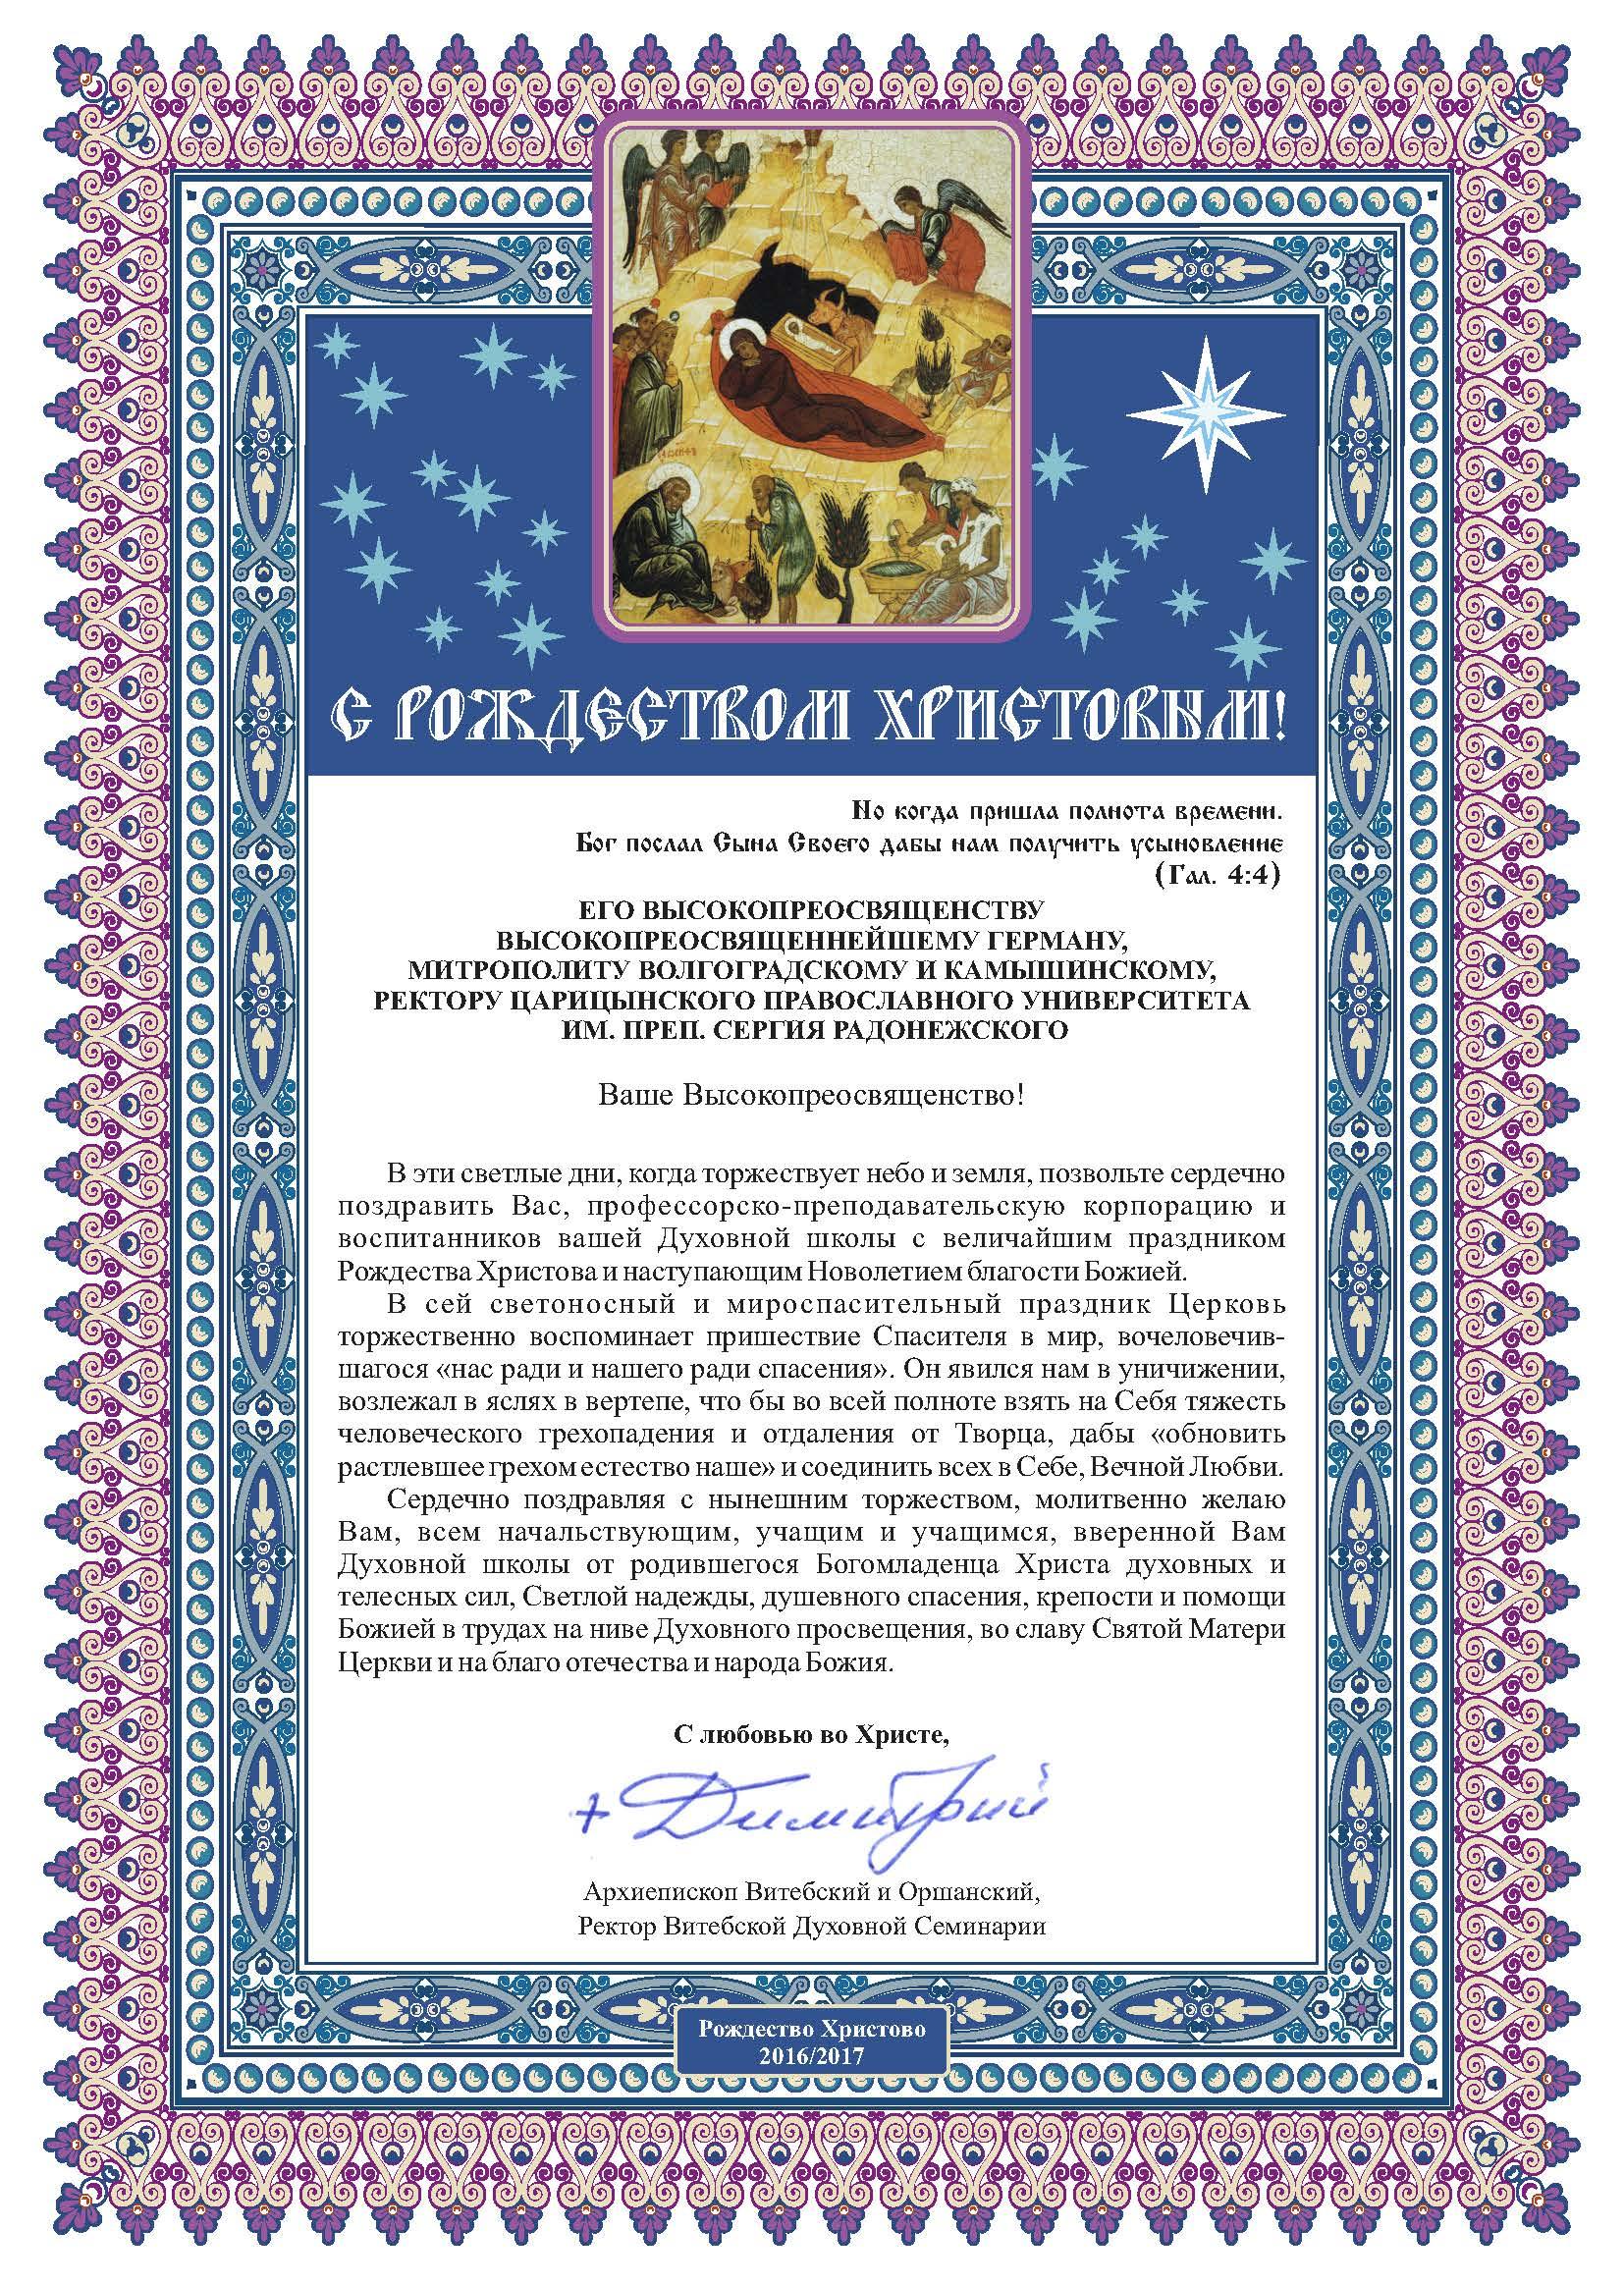 Поздравления епископу Лукиану с Днем тезоименитства 46